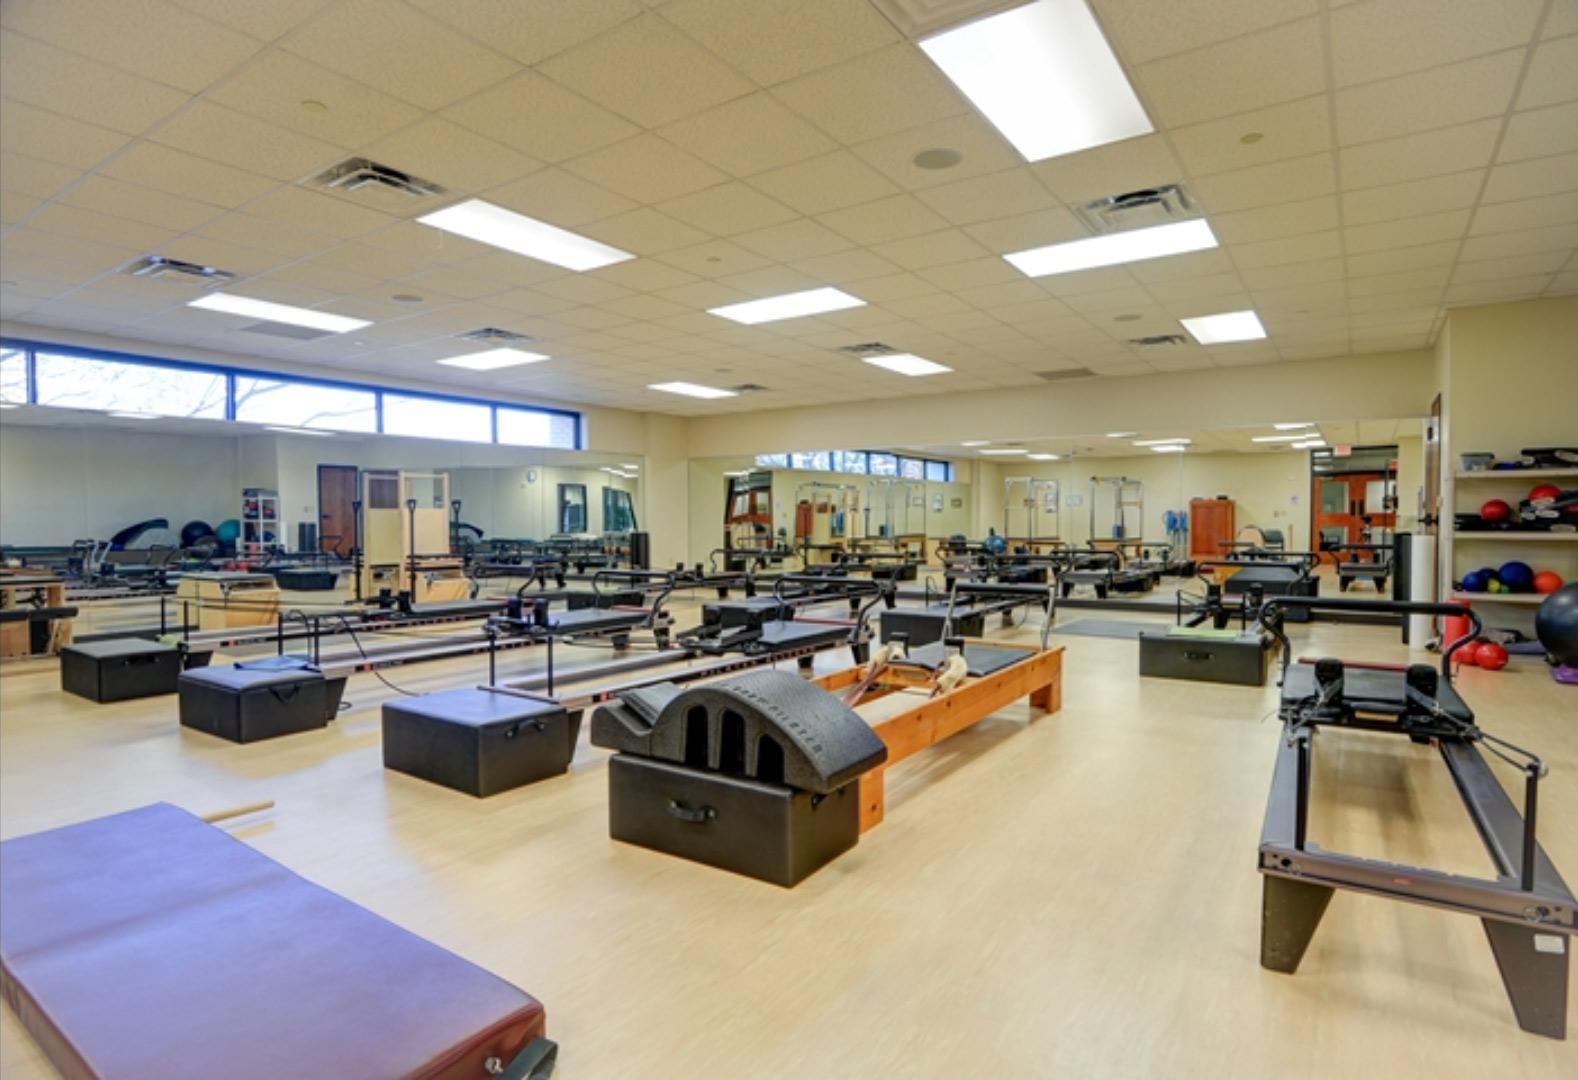 Baylor Tom Landry Fitness Center | Baylor Scott & White Health